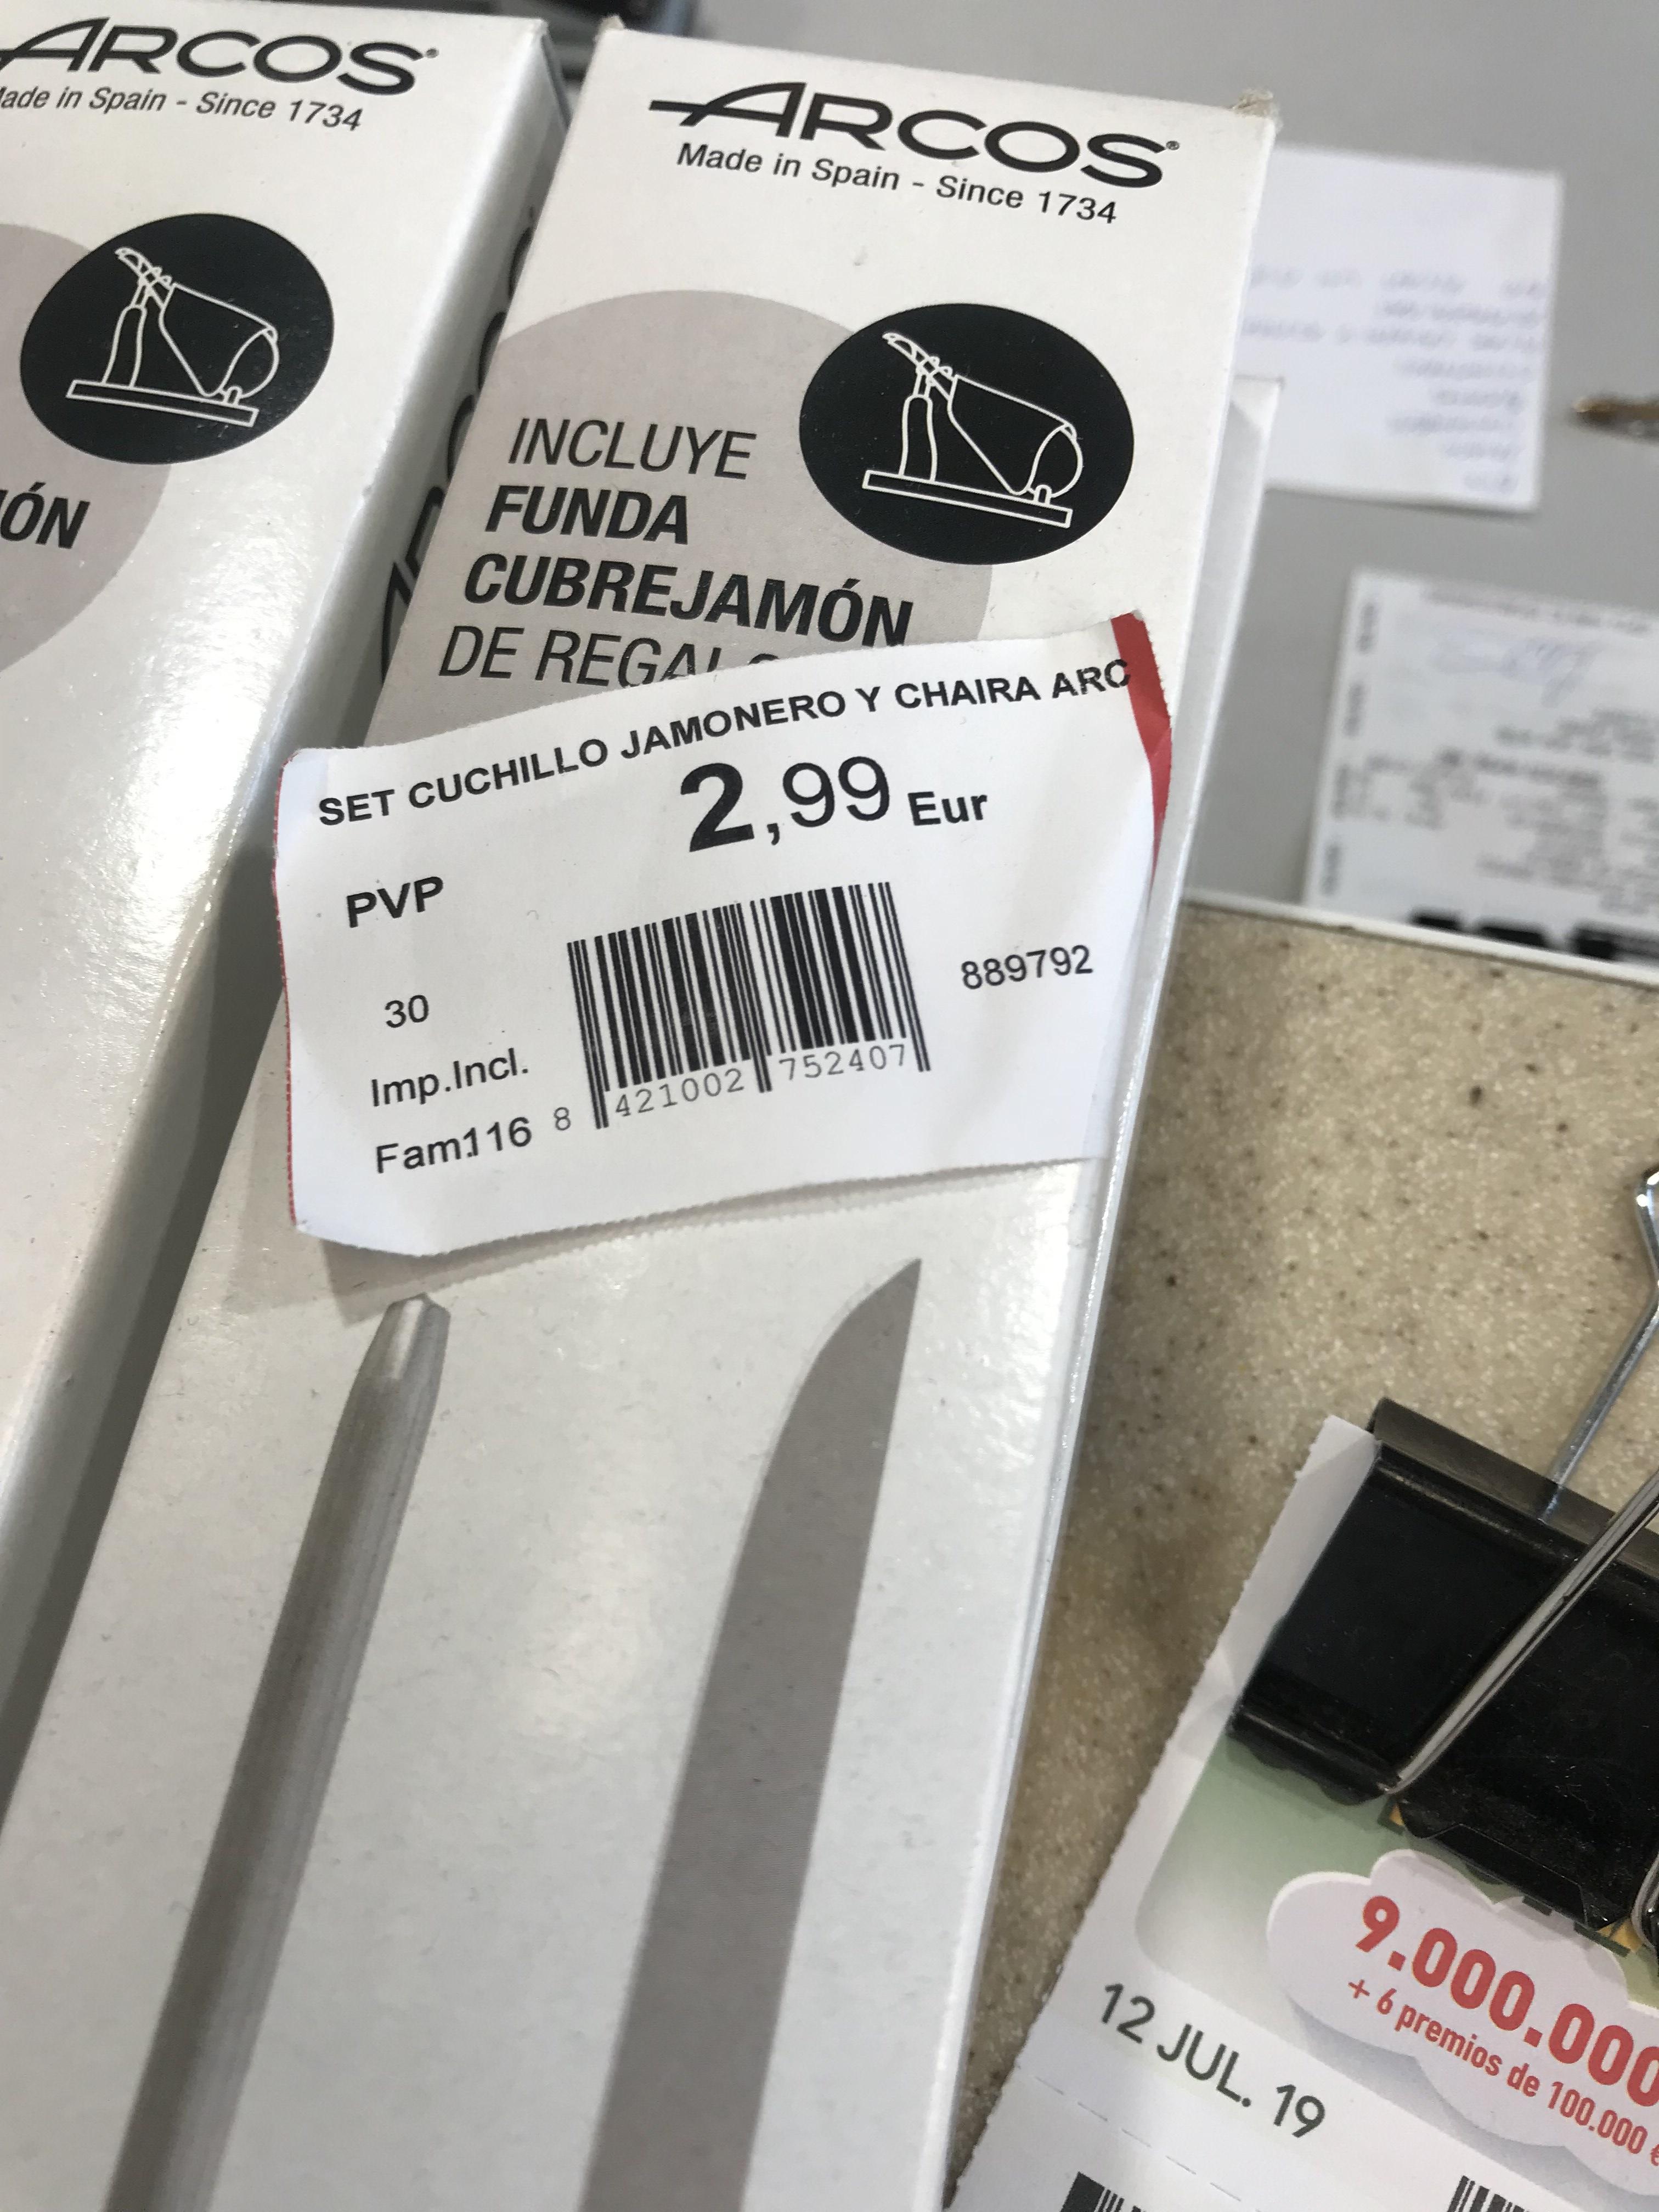 ARCOS, cuchillo jamonero, chaira y funda de jamón. En gasolineras Repsol.